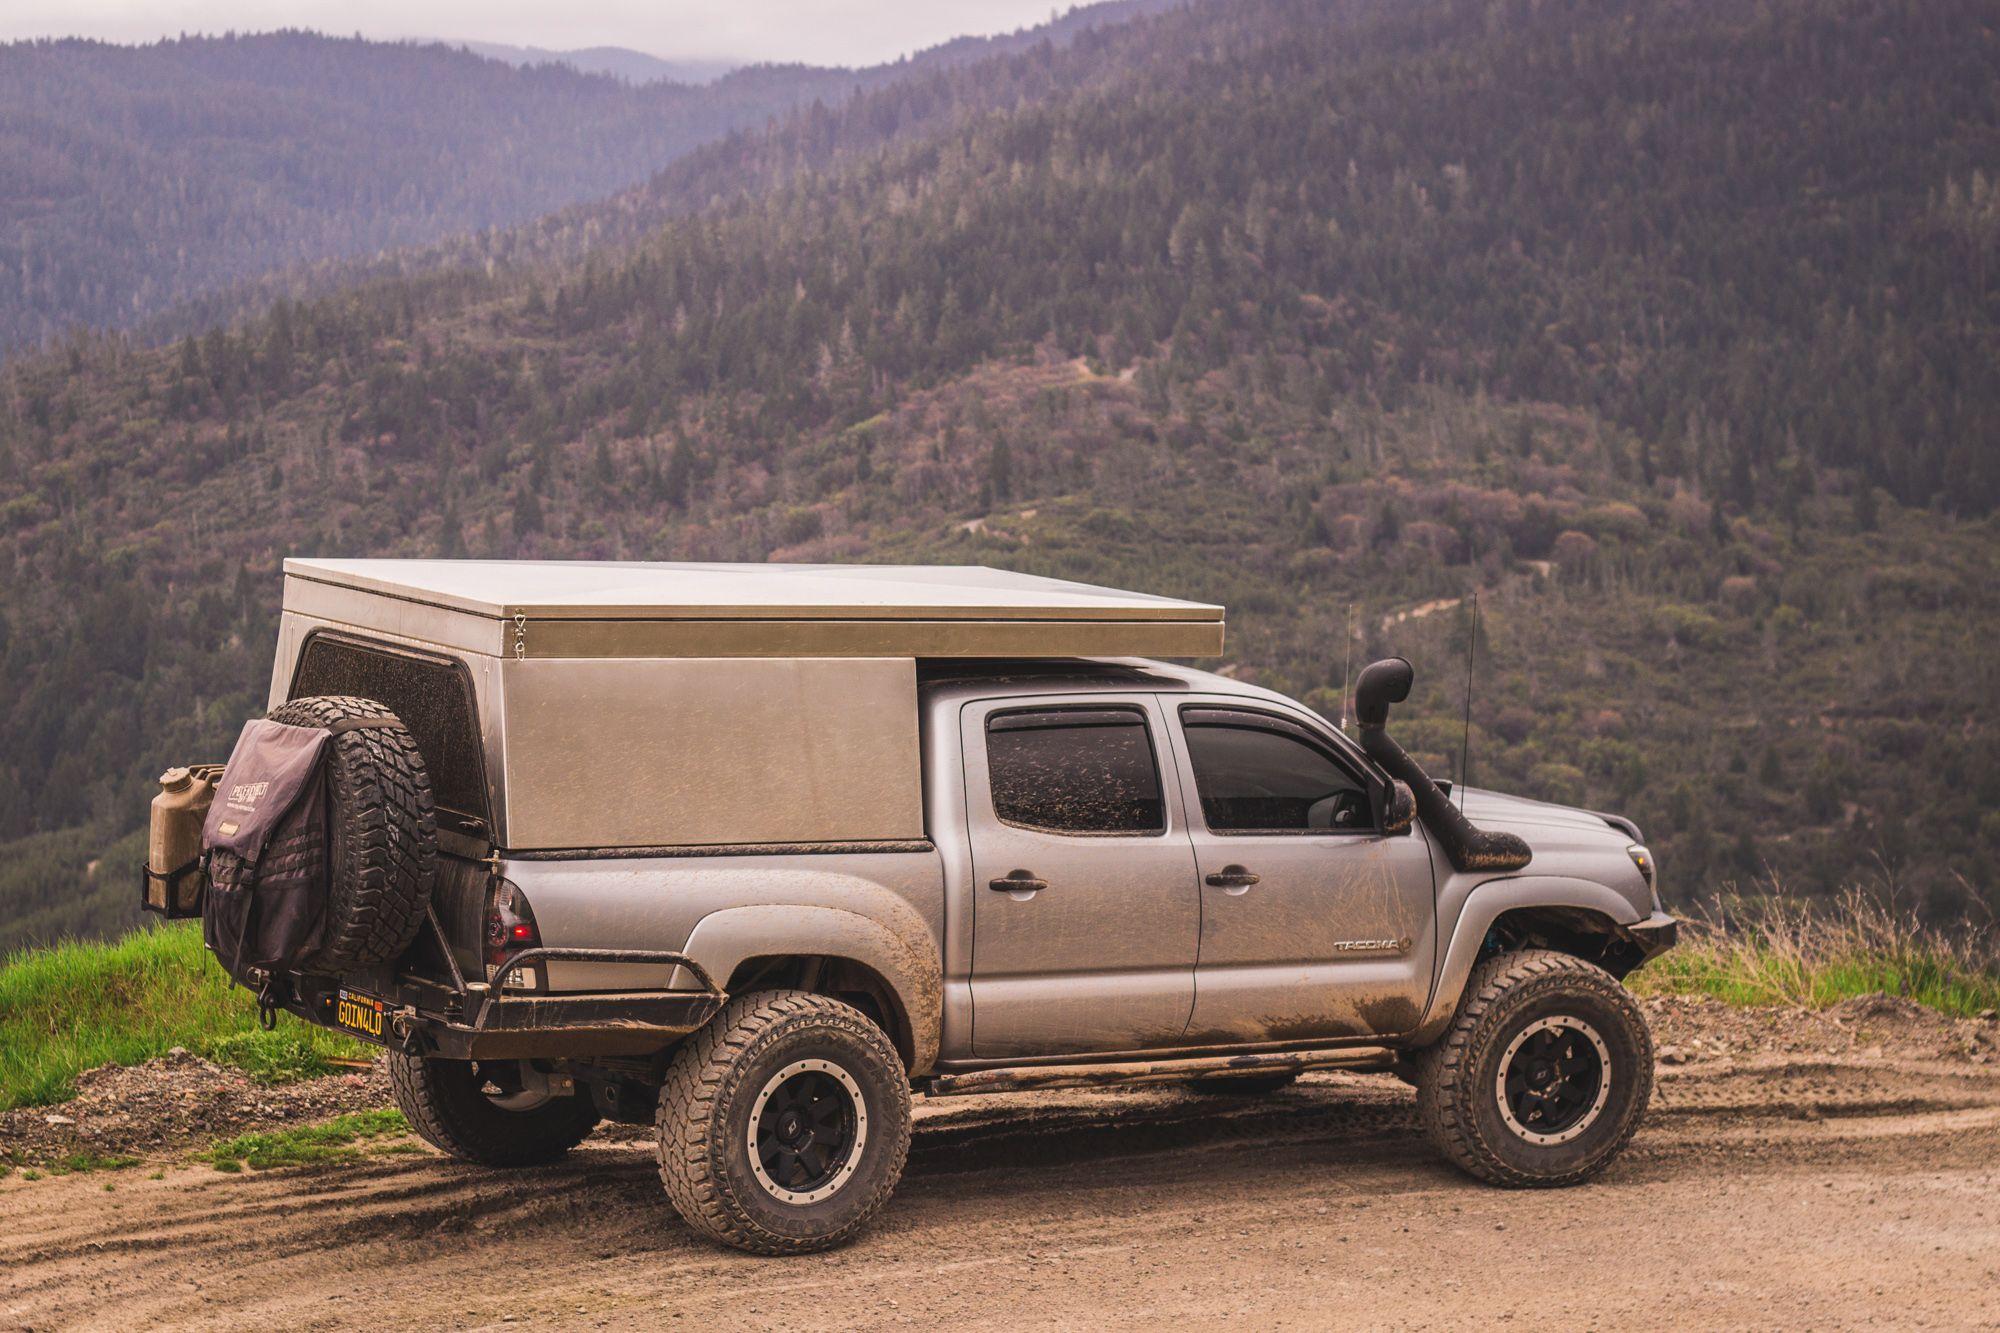 Vagabond Outdoors Drifter Shell Expedition Portal Camper Shells Pickup Camping Tacoma Truck